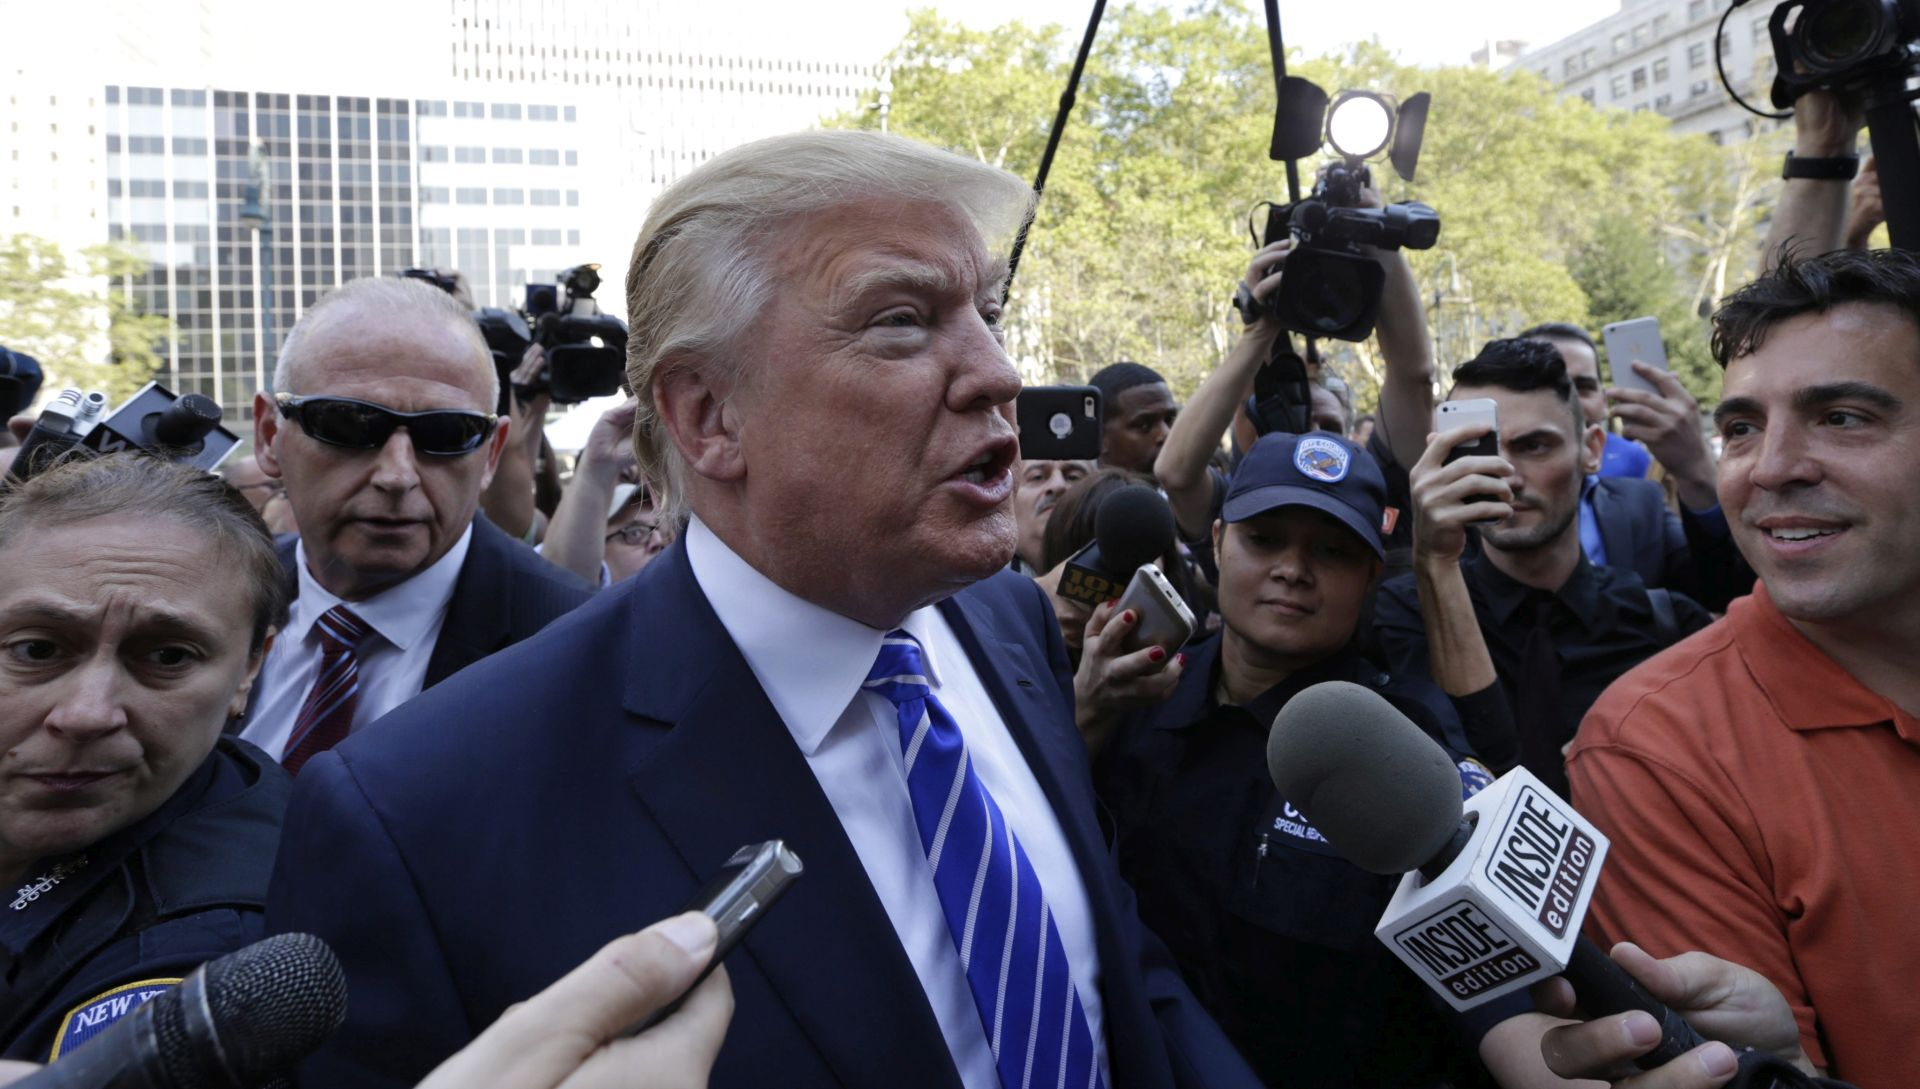 UKOLIKO POSTANE PREDSJEDNIK: Donald Trump bi vraćano sirijske izbjeglice kućama